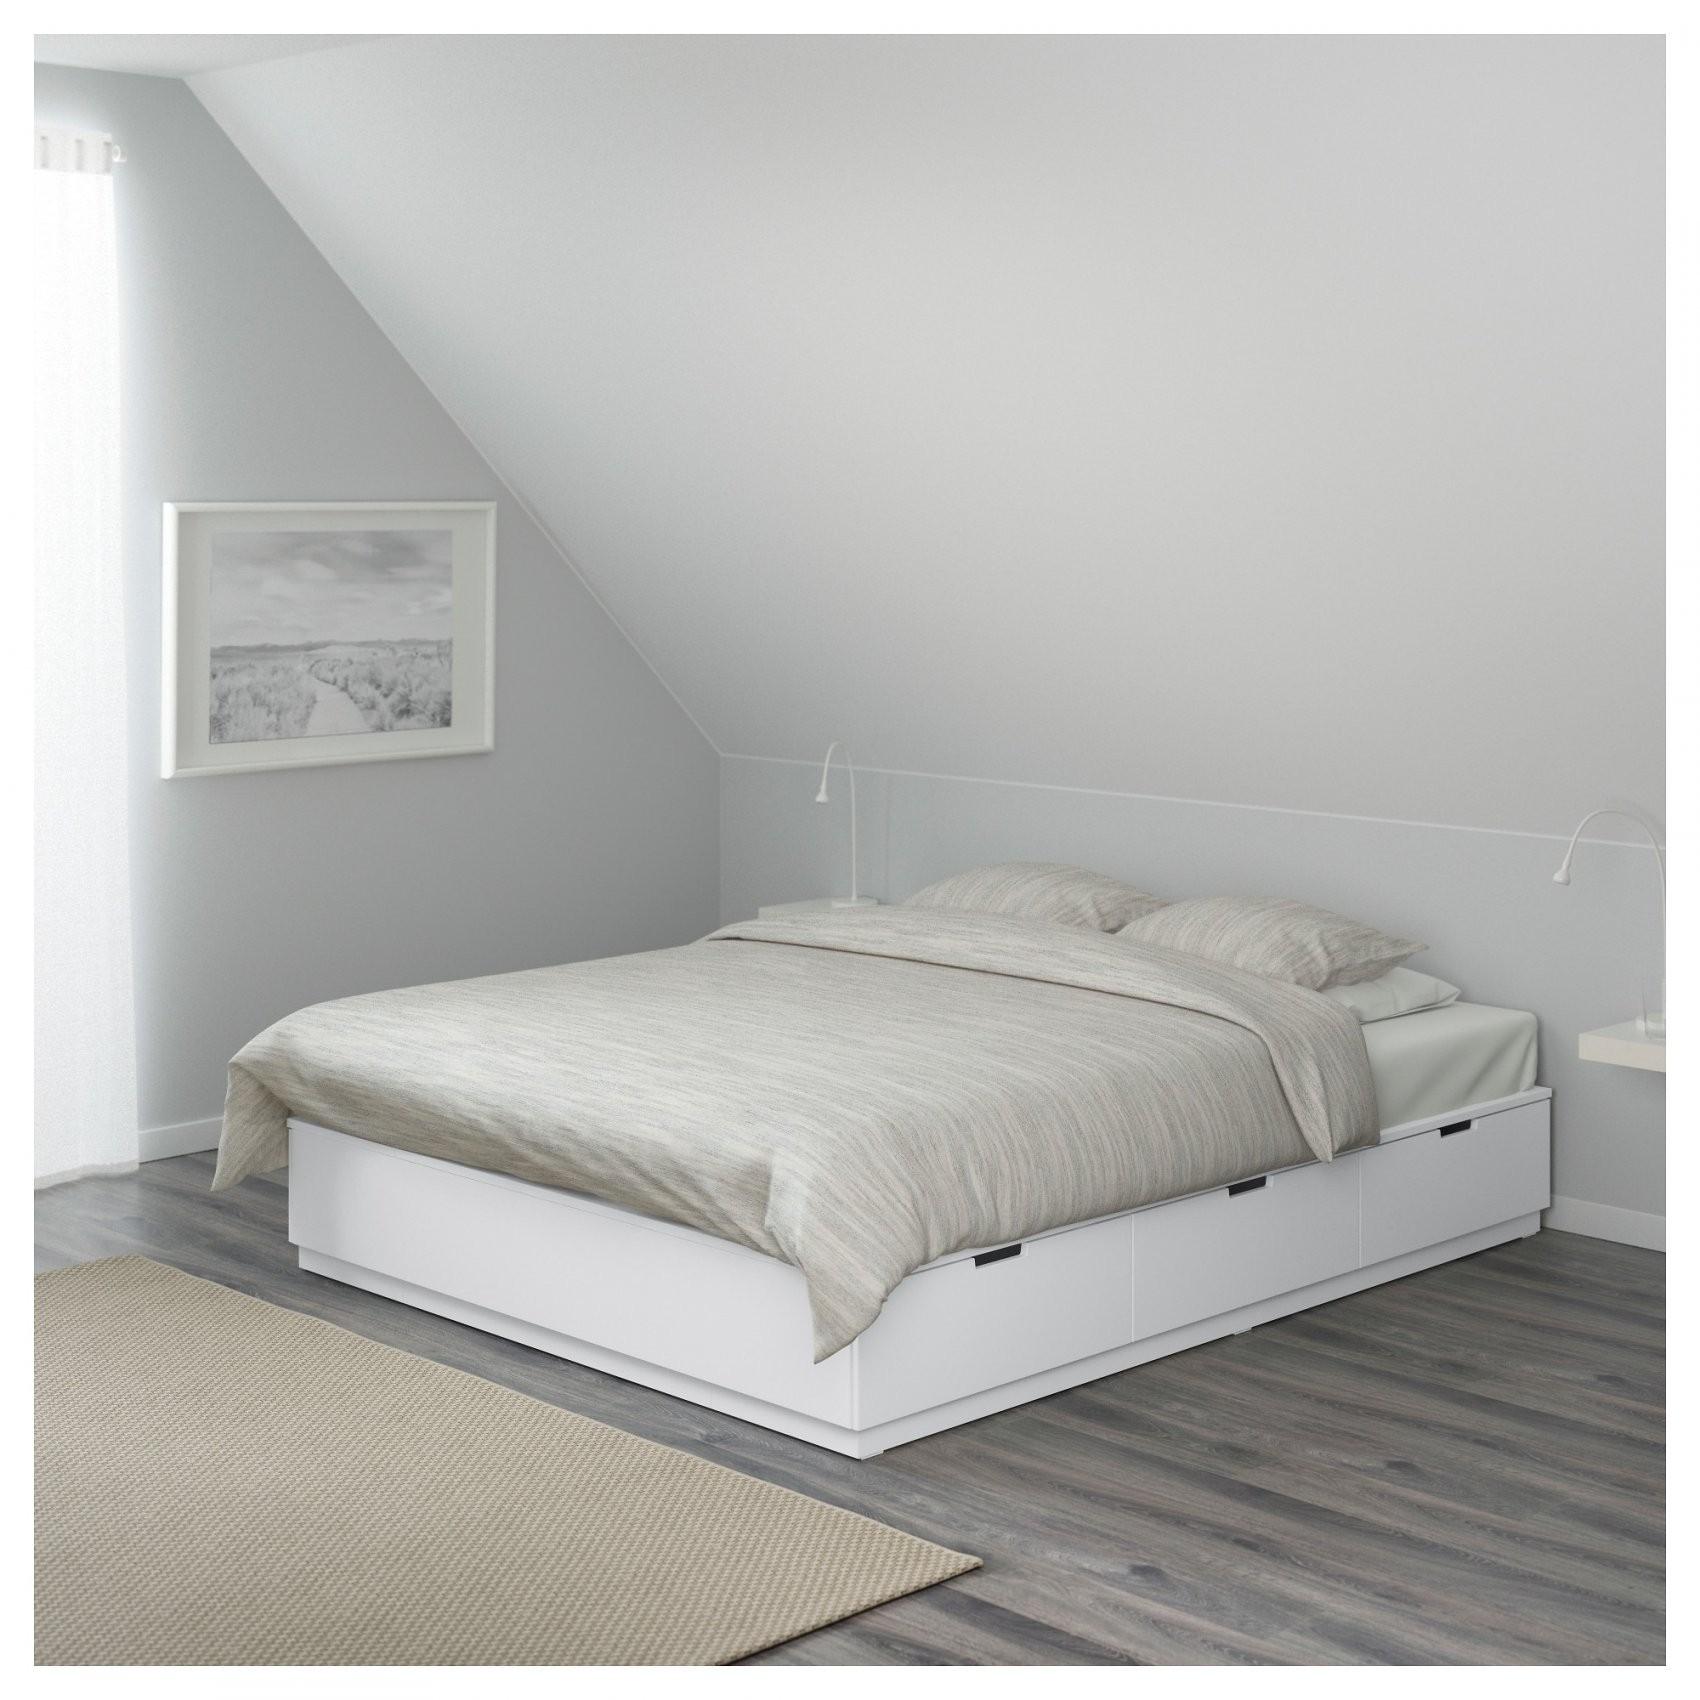 Nordli Bettgestell Mit Schubladen  140X200 Cm  Ikea von Ikea Bett 140X200 Holz Weiß Photo